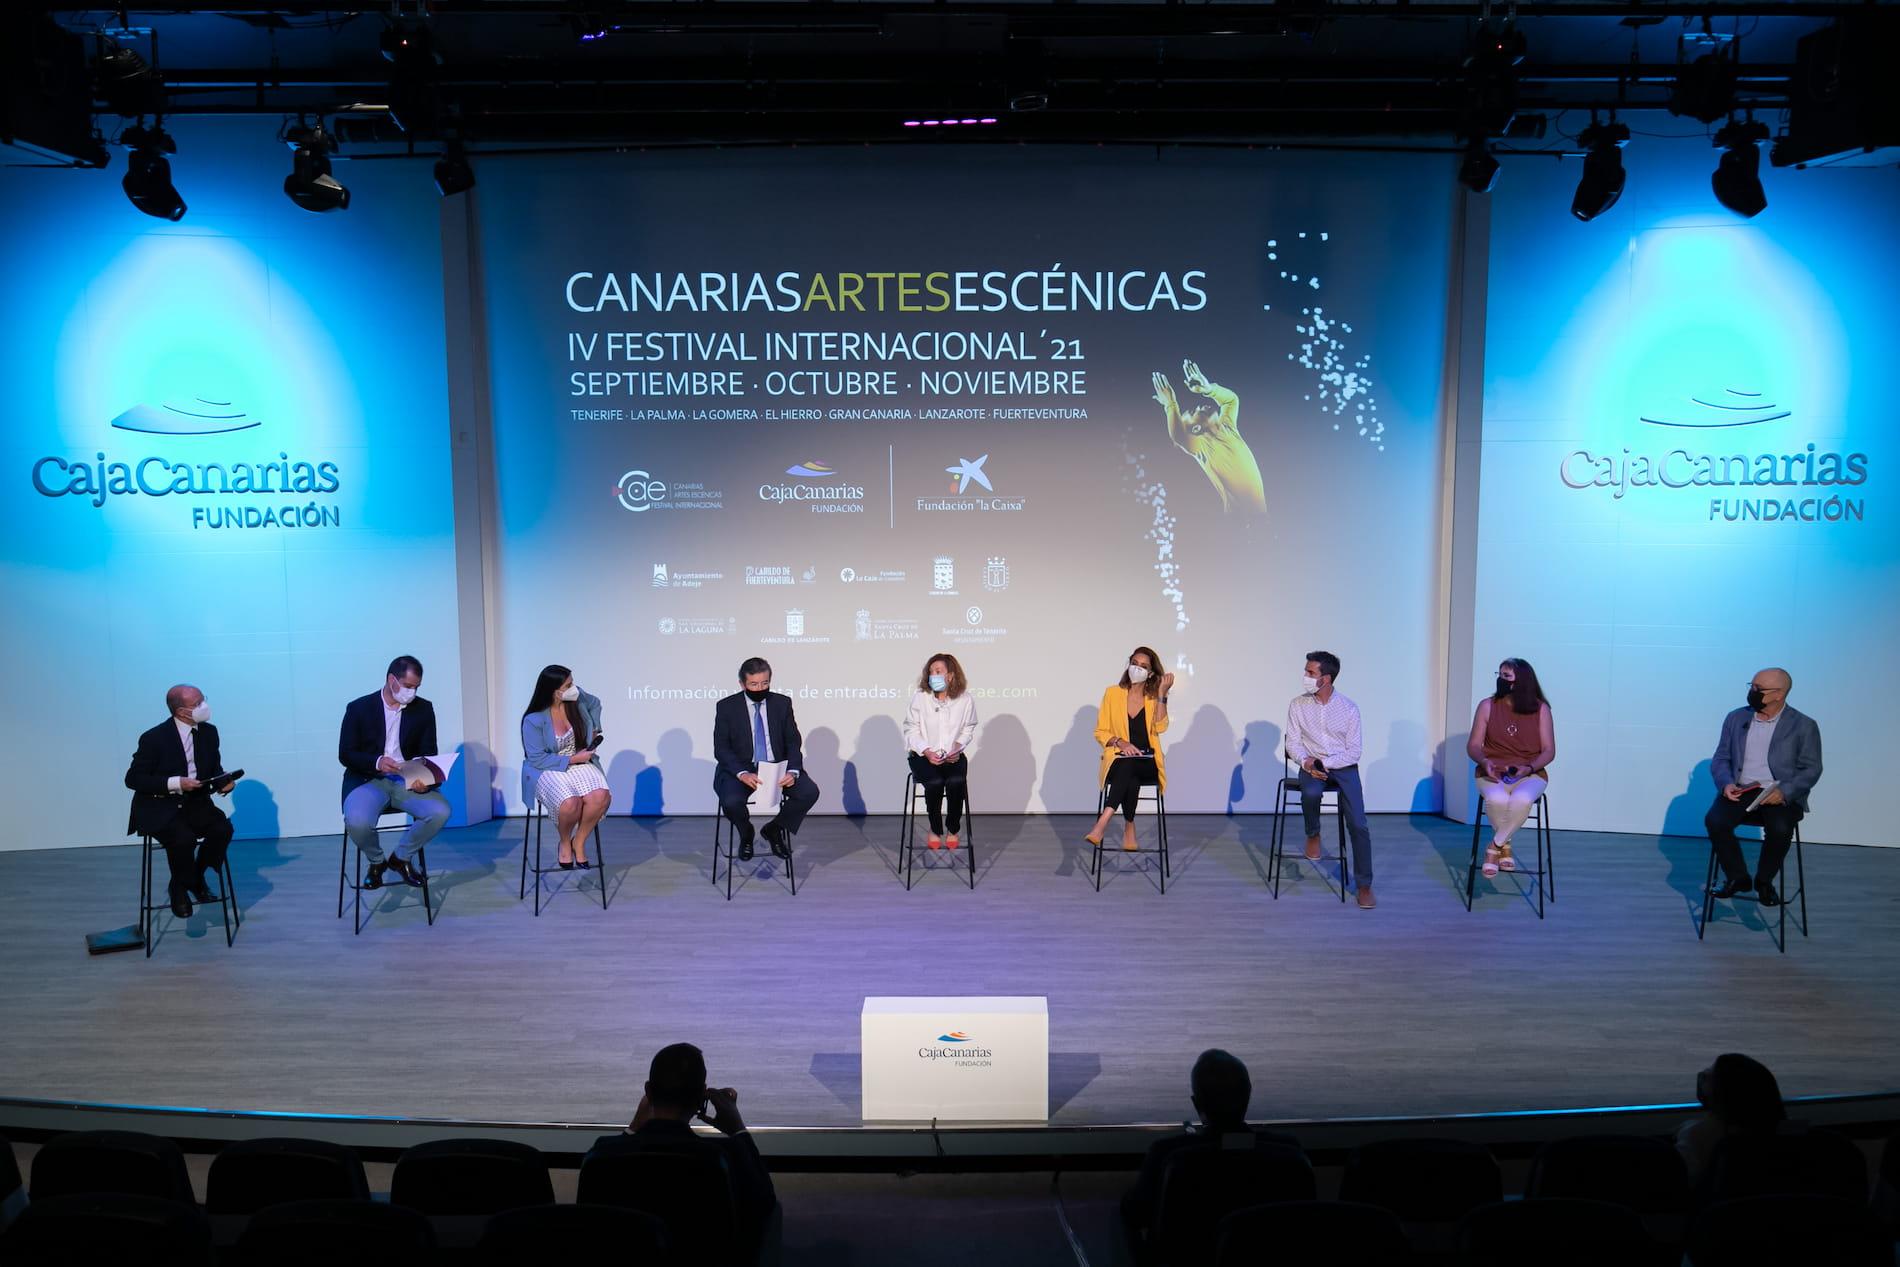 cajacanarias iv festival canarias artes escenicas2021 6